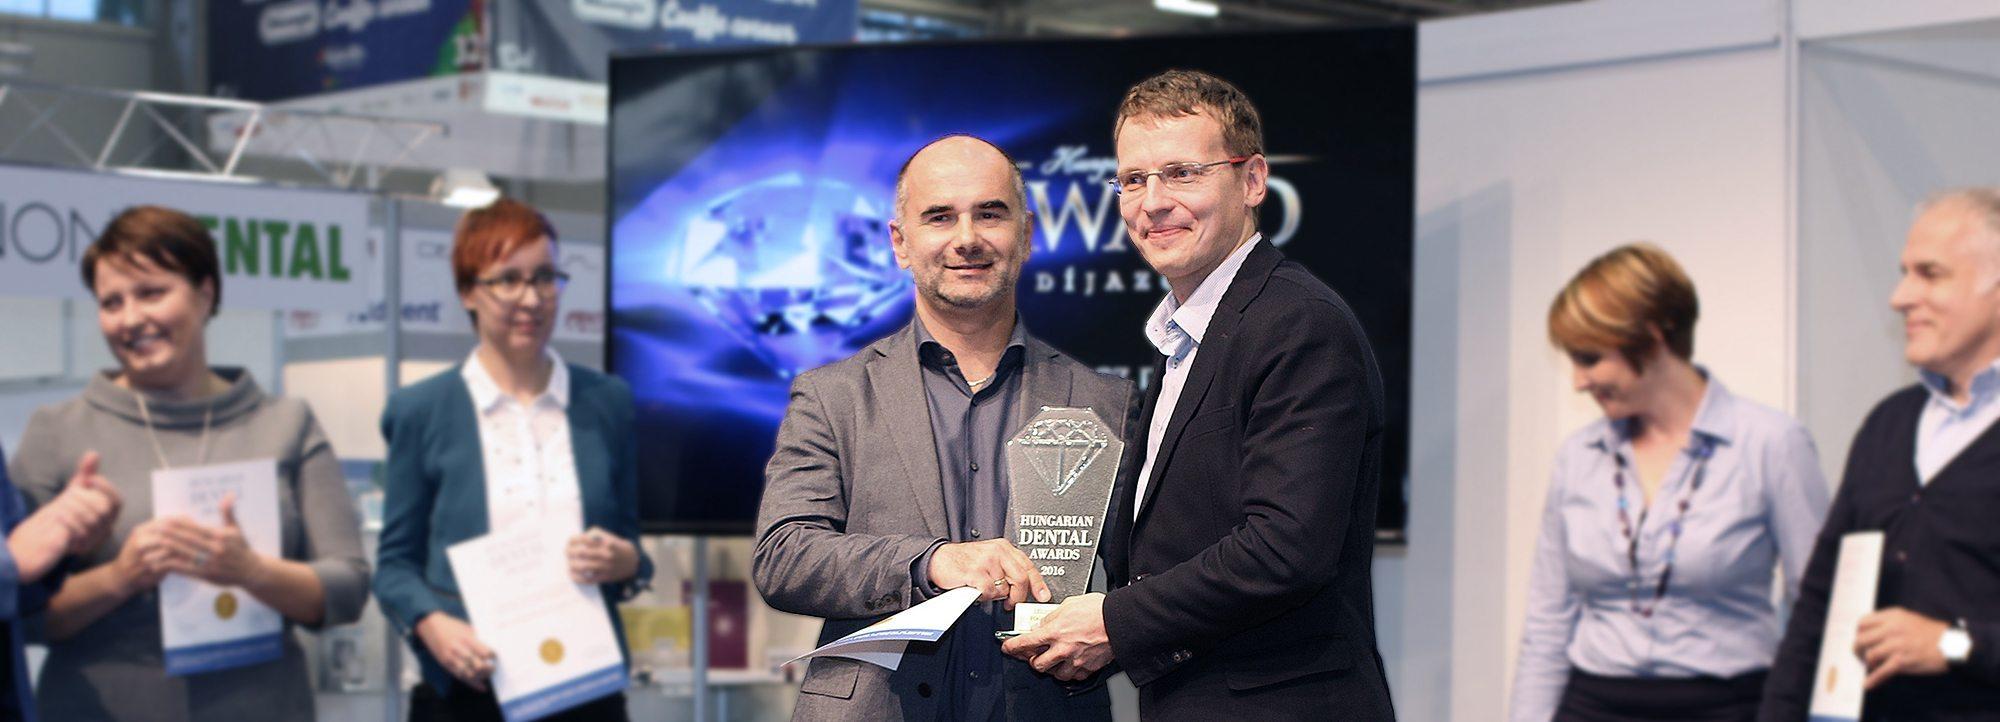 Beste Zahnklinik Ungarn in 2016